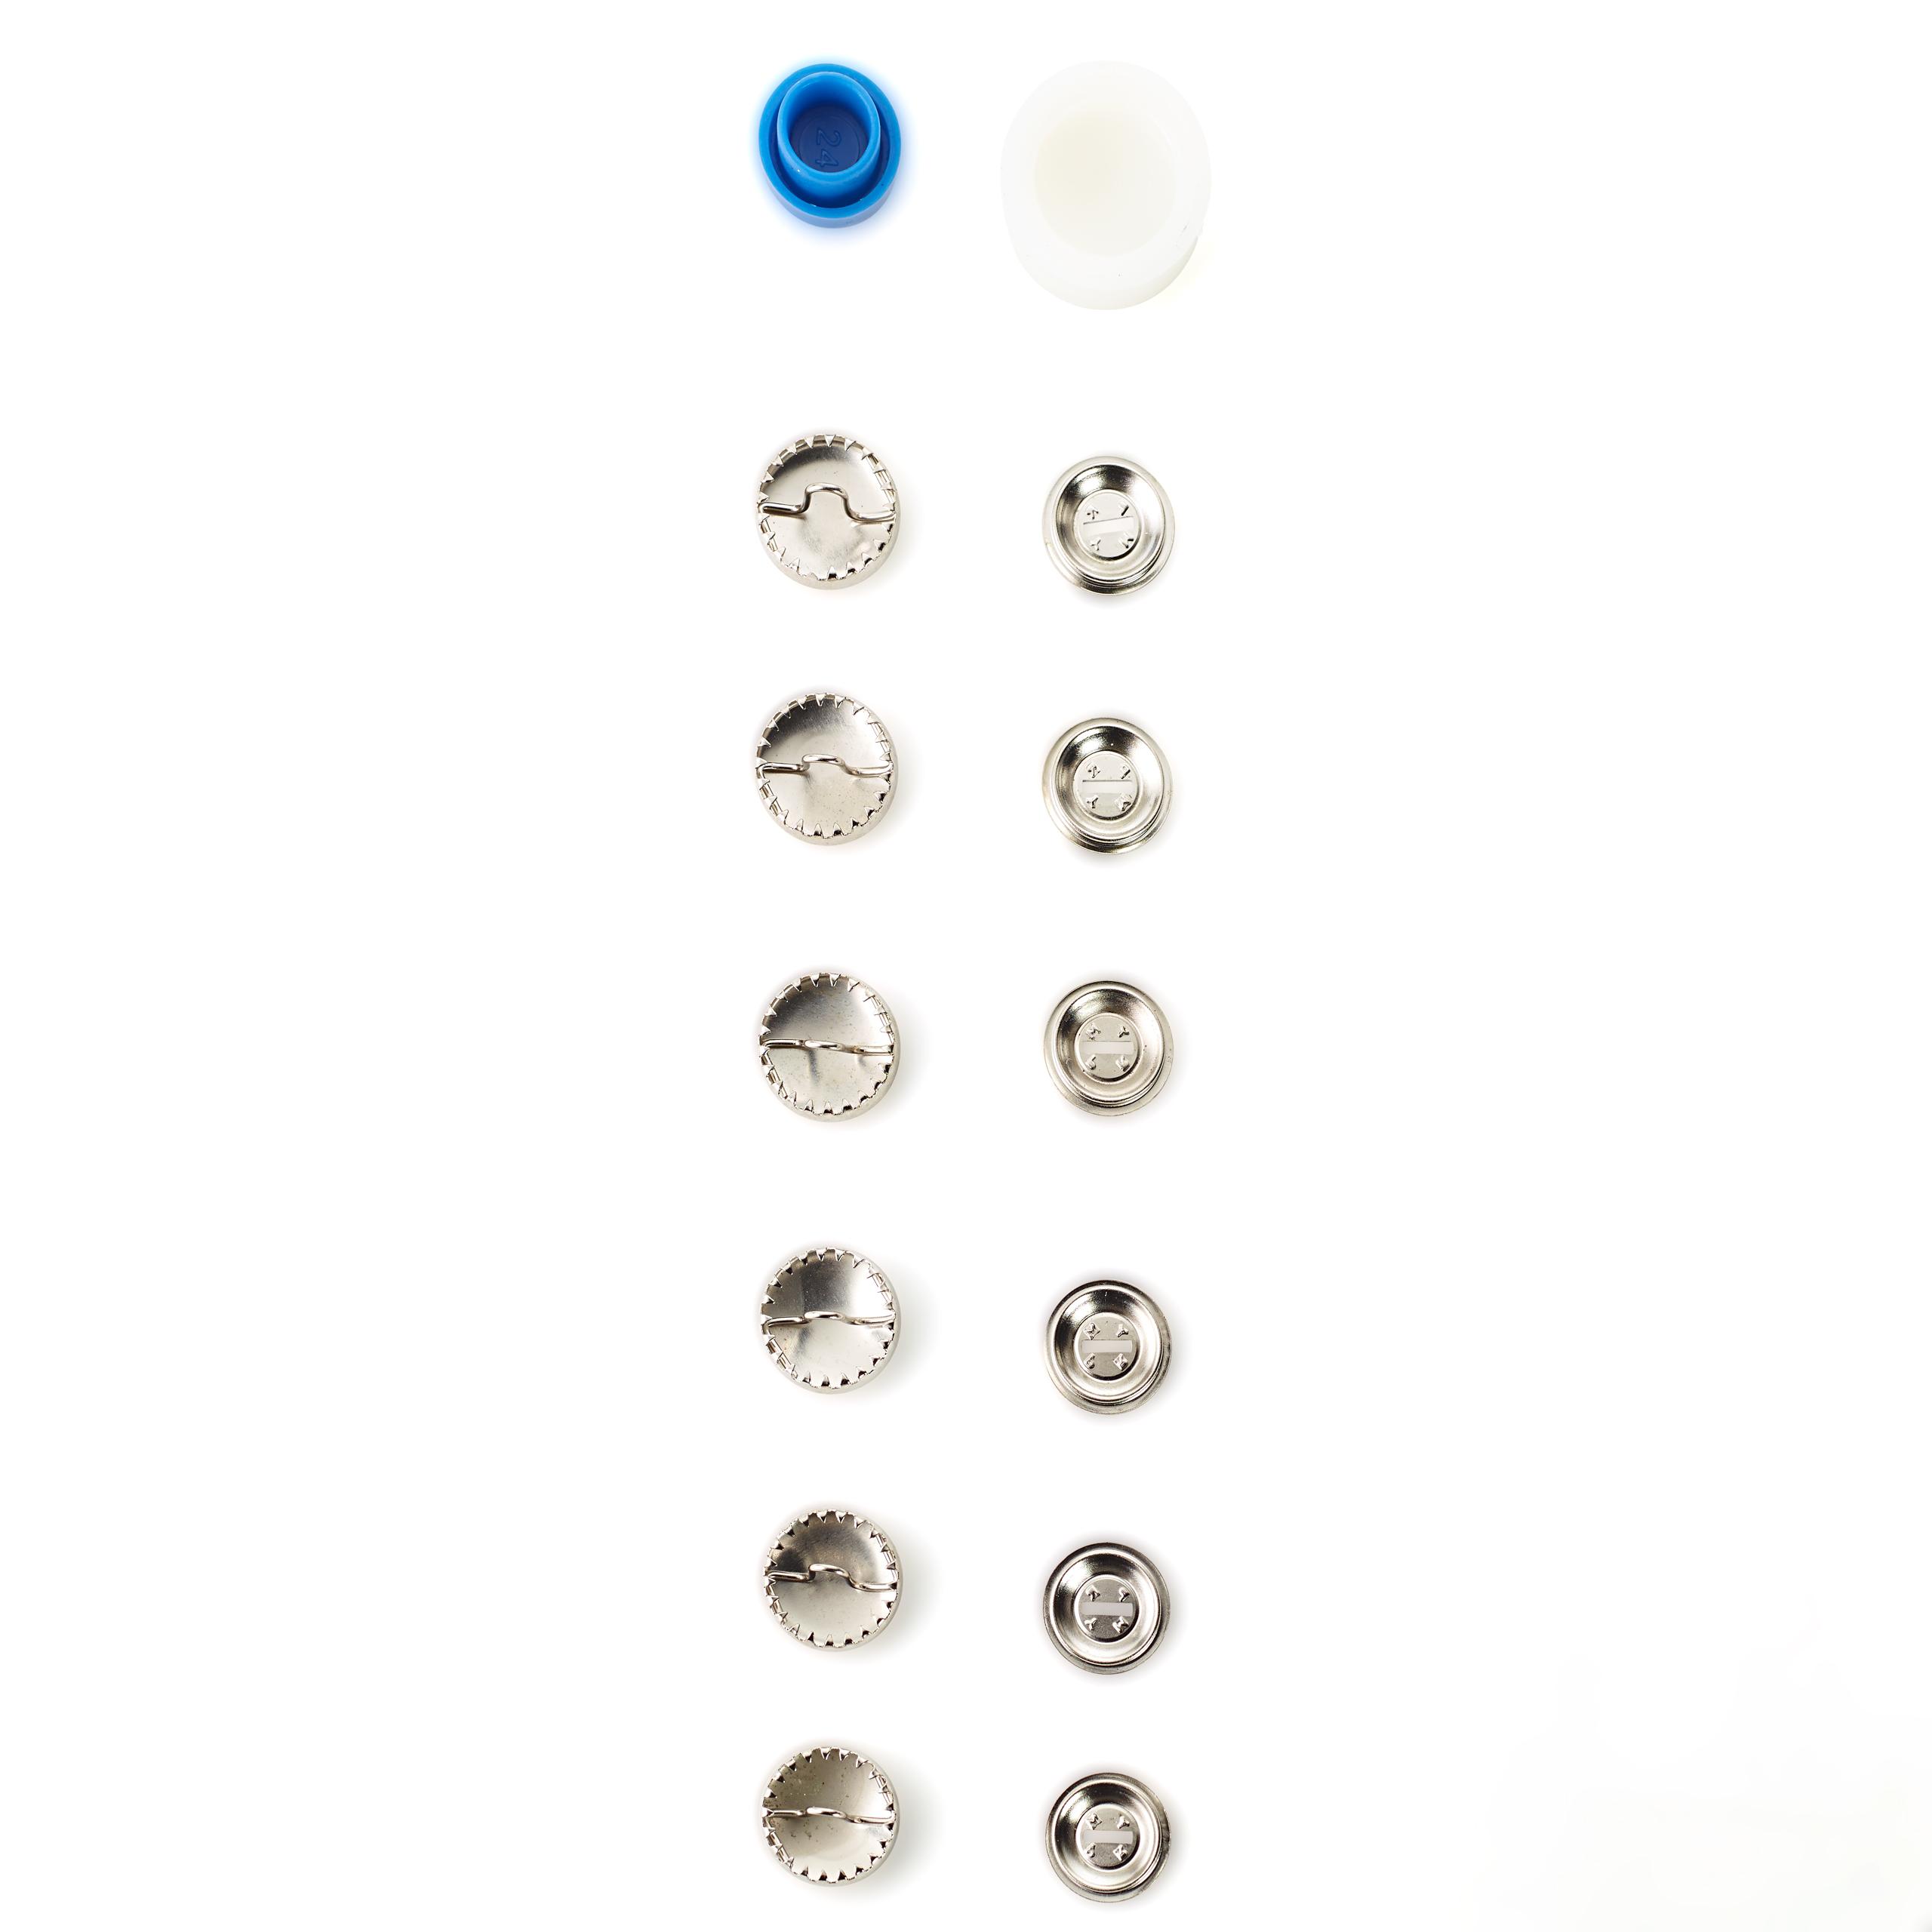 Überziehbare Knöpfe, 6 Stück. Prym Art. 323115